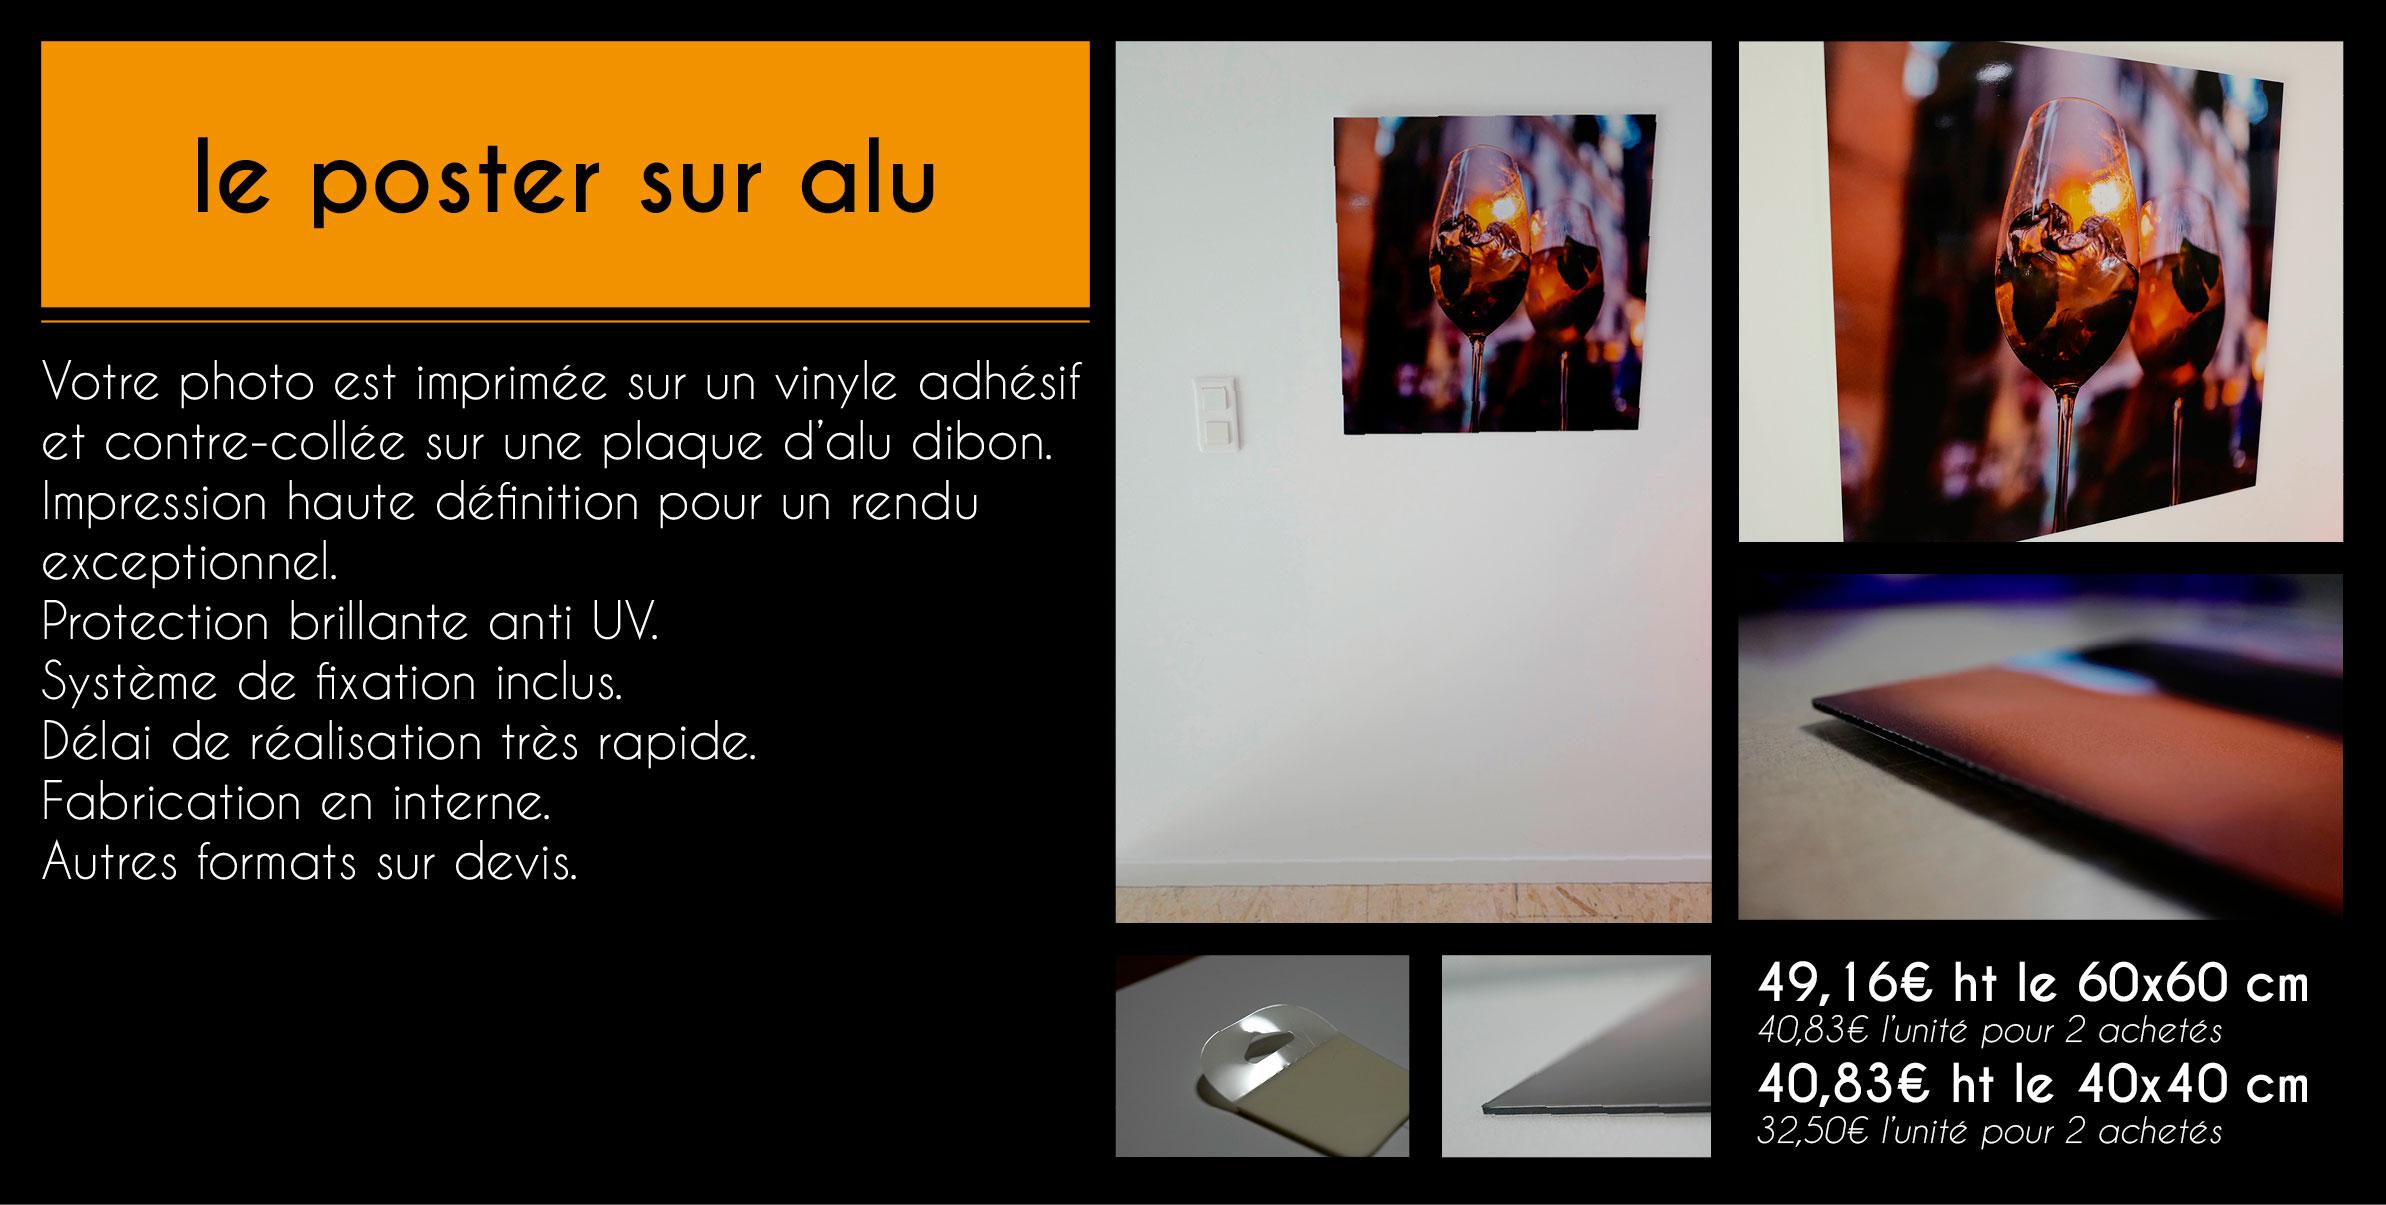 promo-poster-alu-pour-site-1